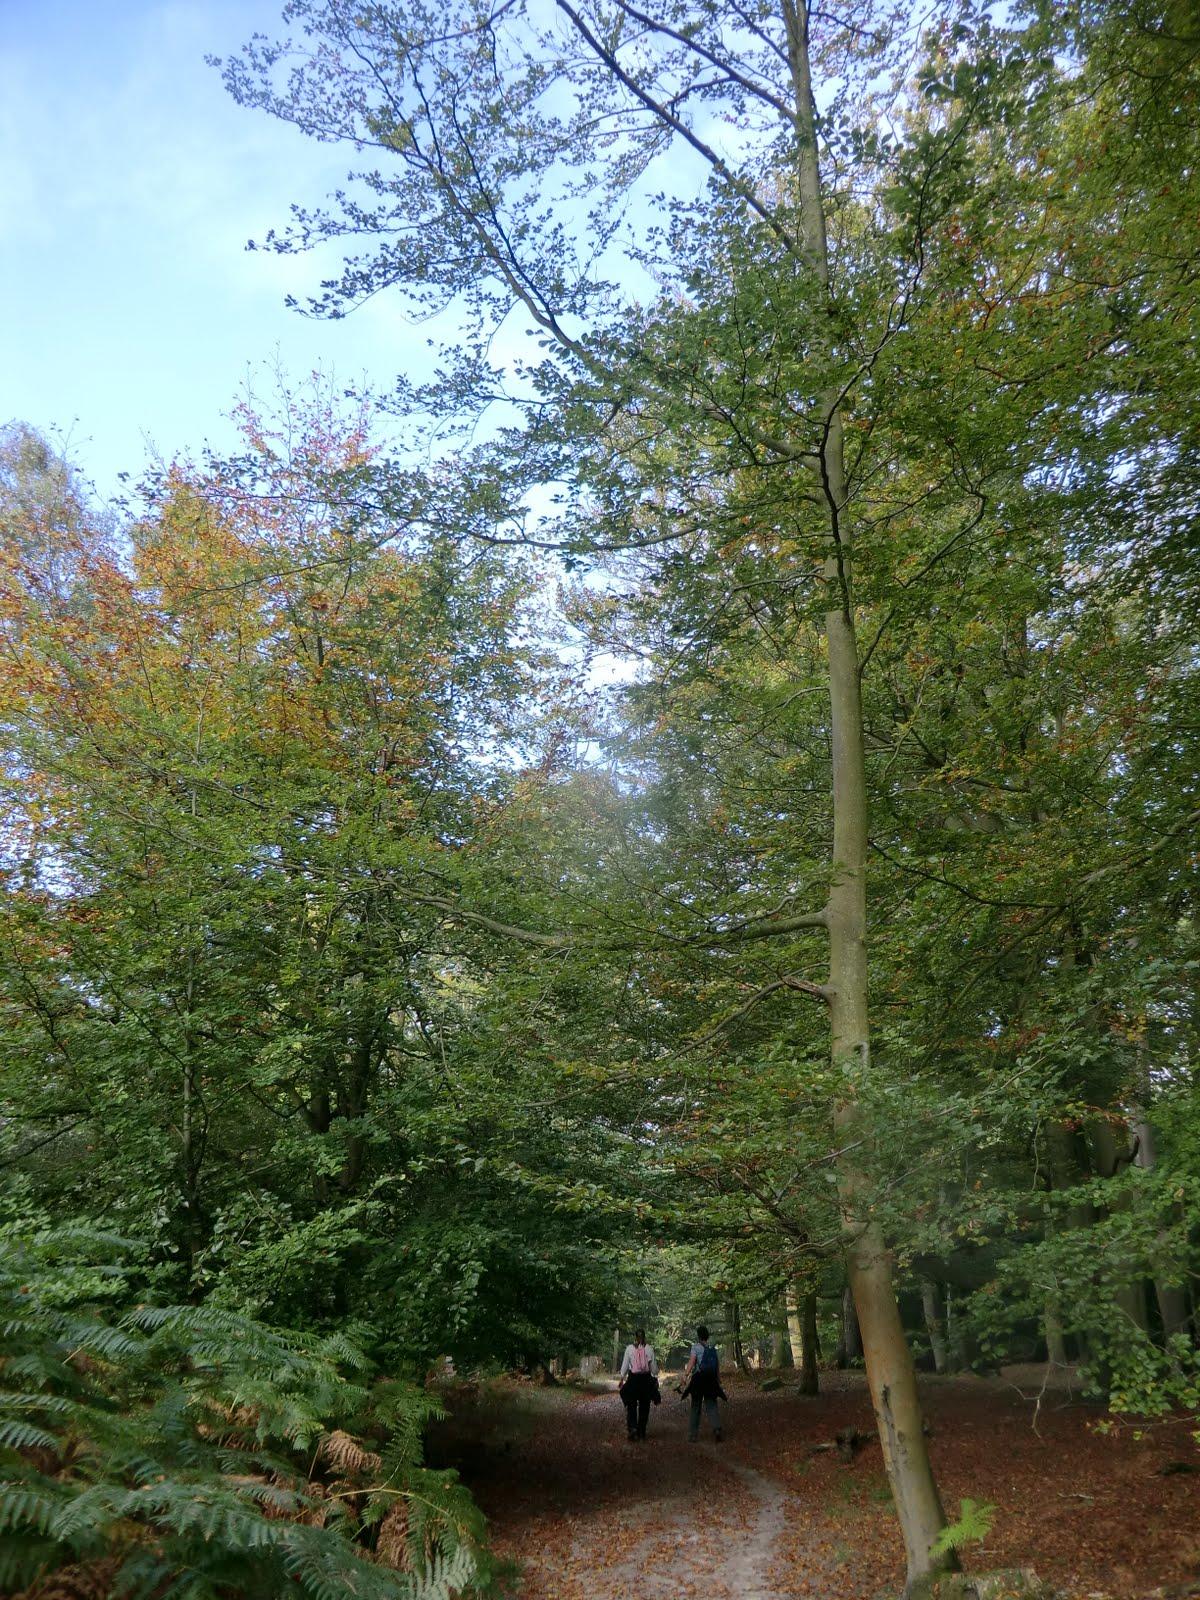 CIMG0663 Broadstone Warren in early autumn